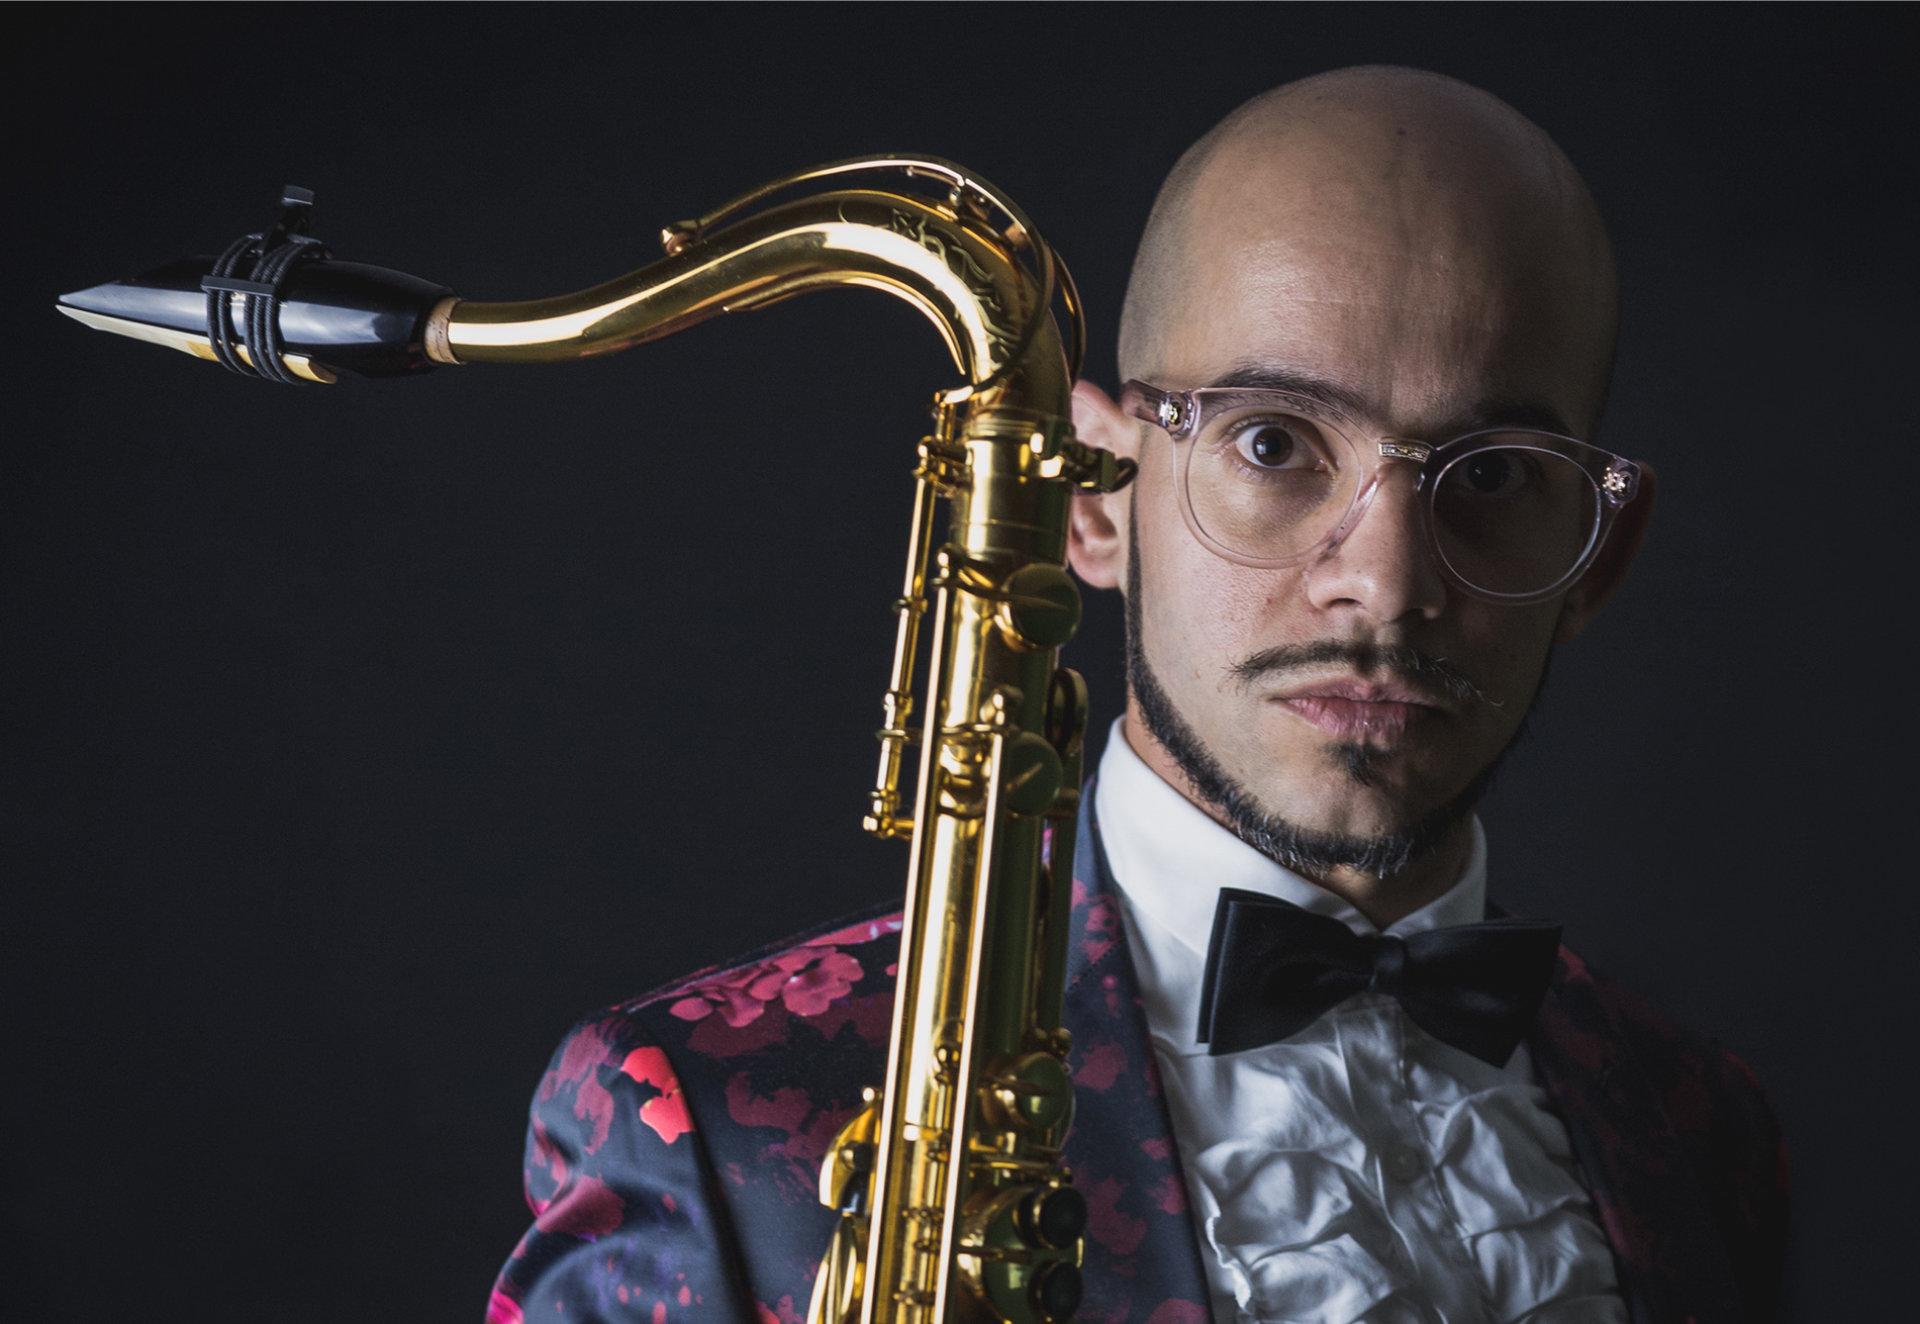 henrique portovedo saxofone